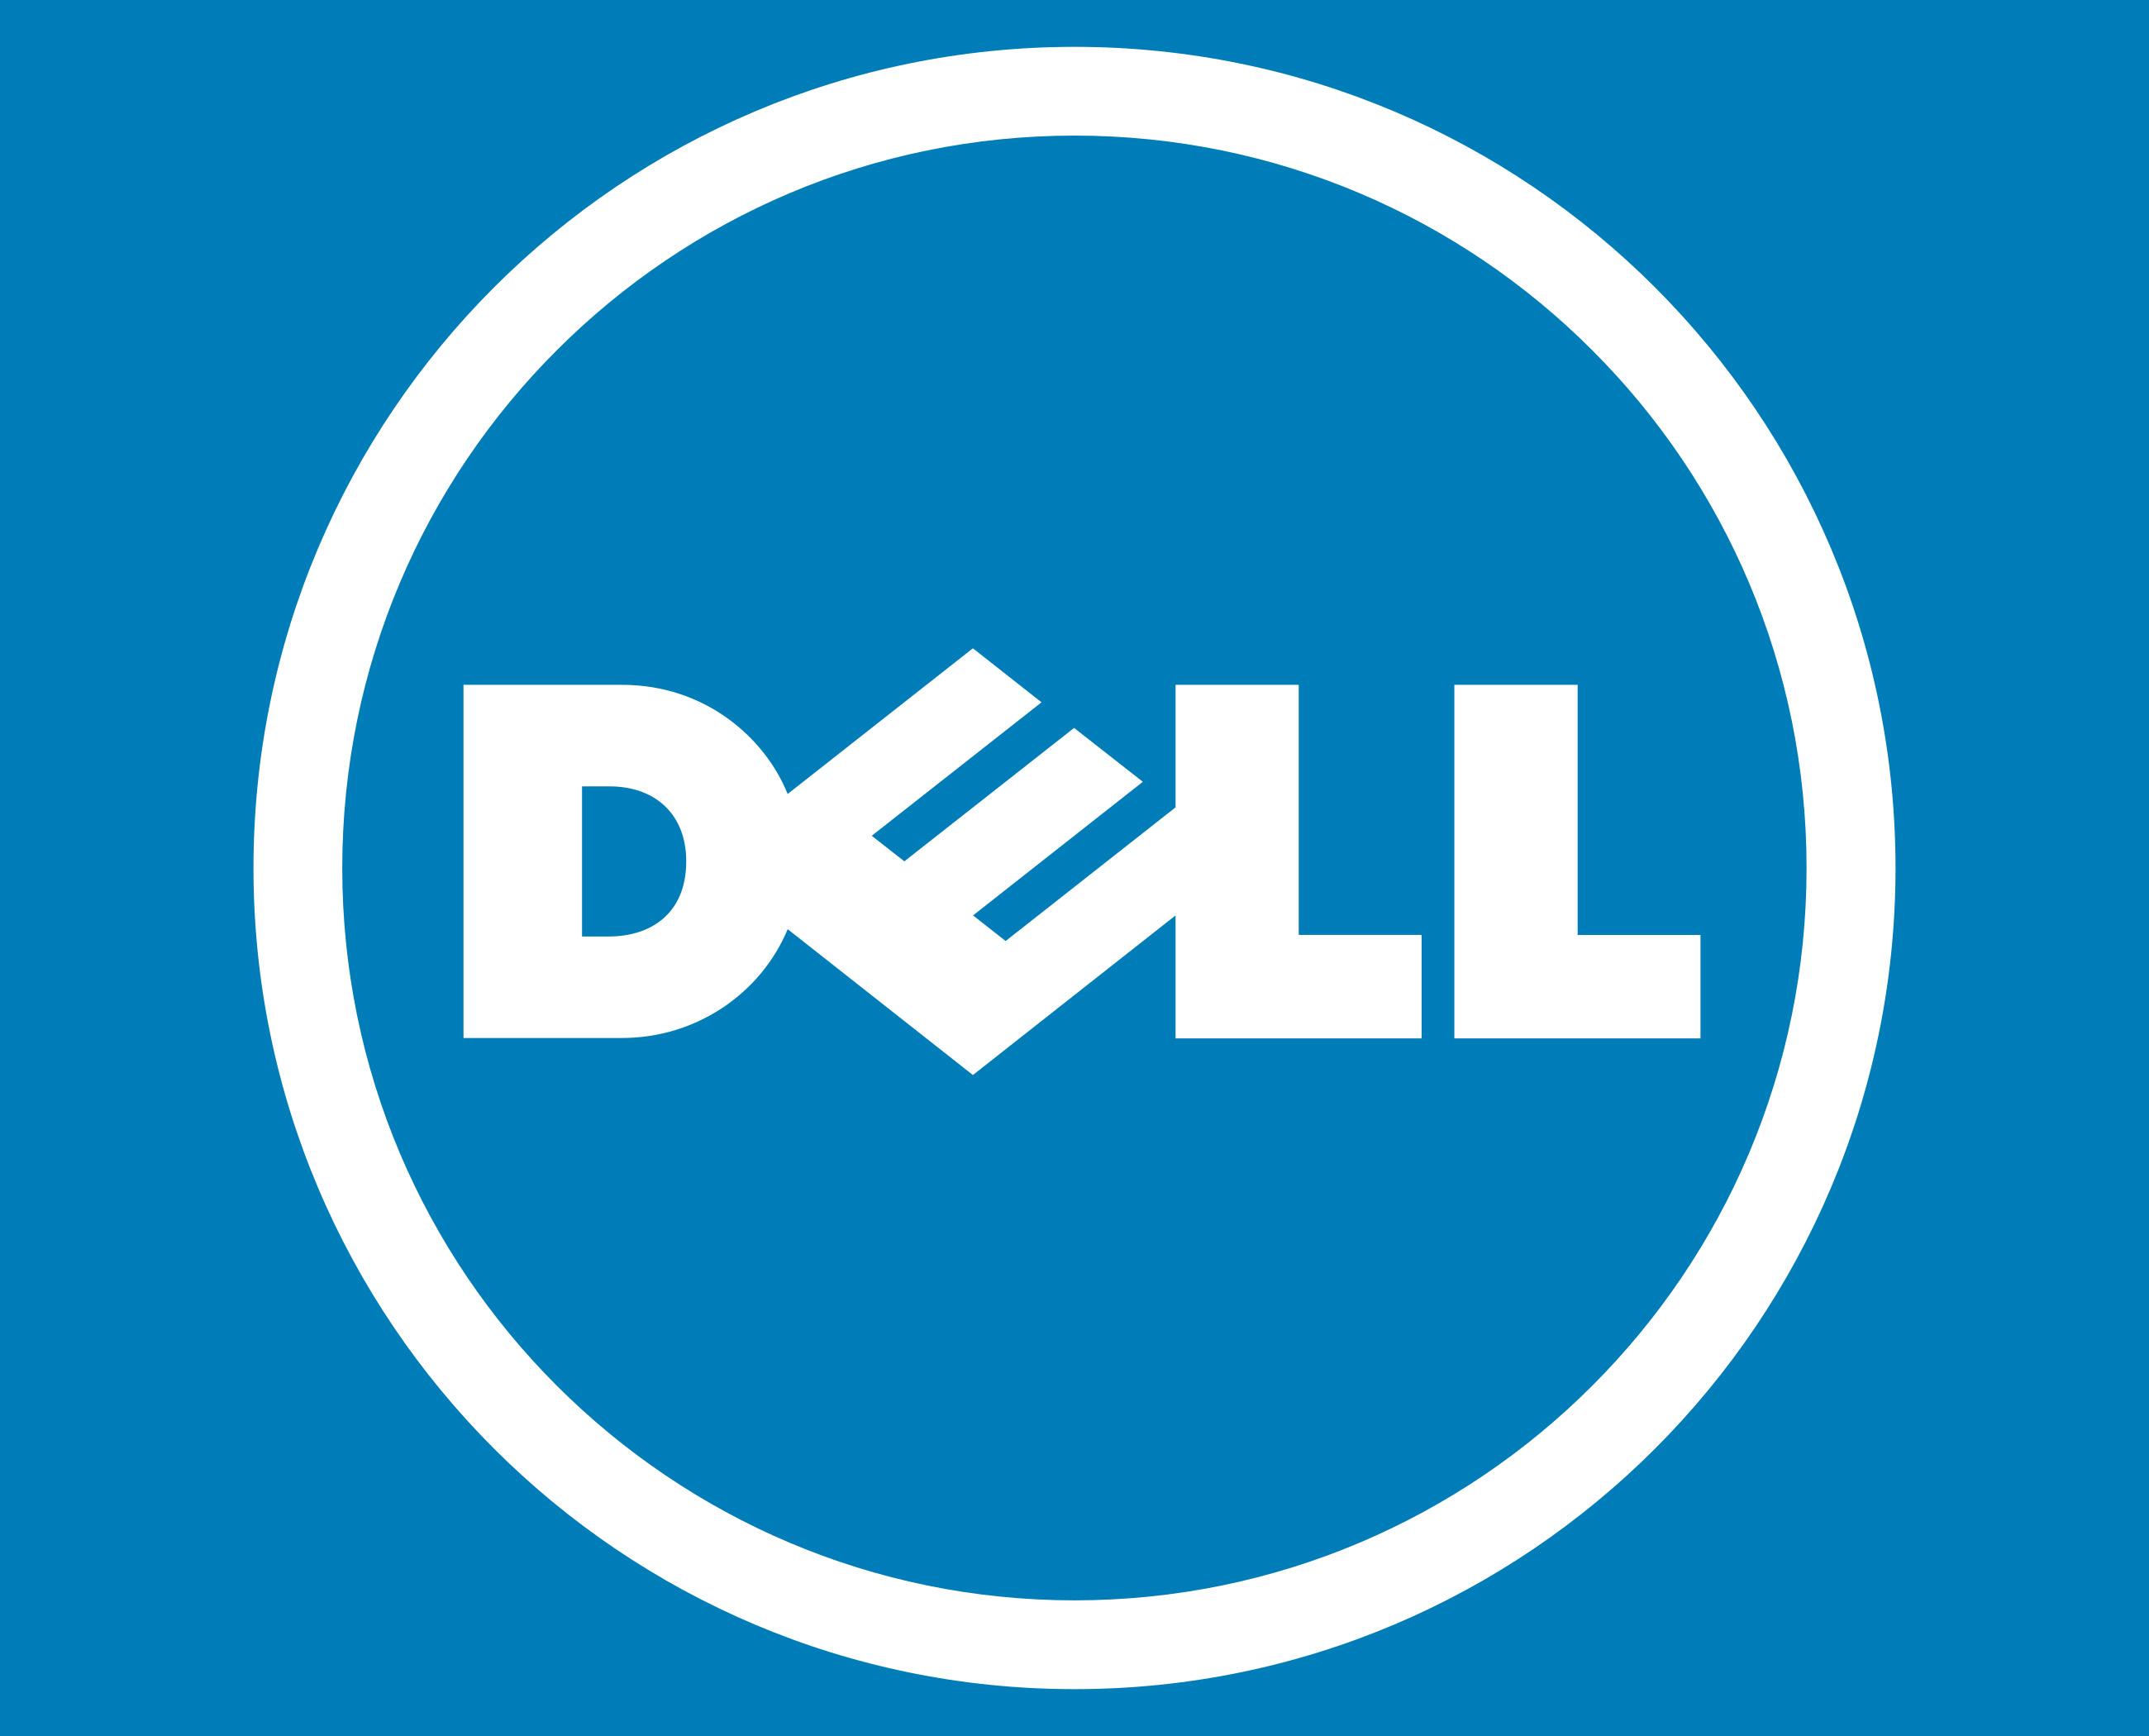 Sisteme PC Dell